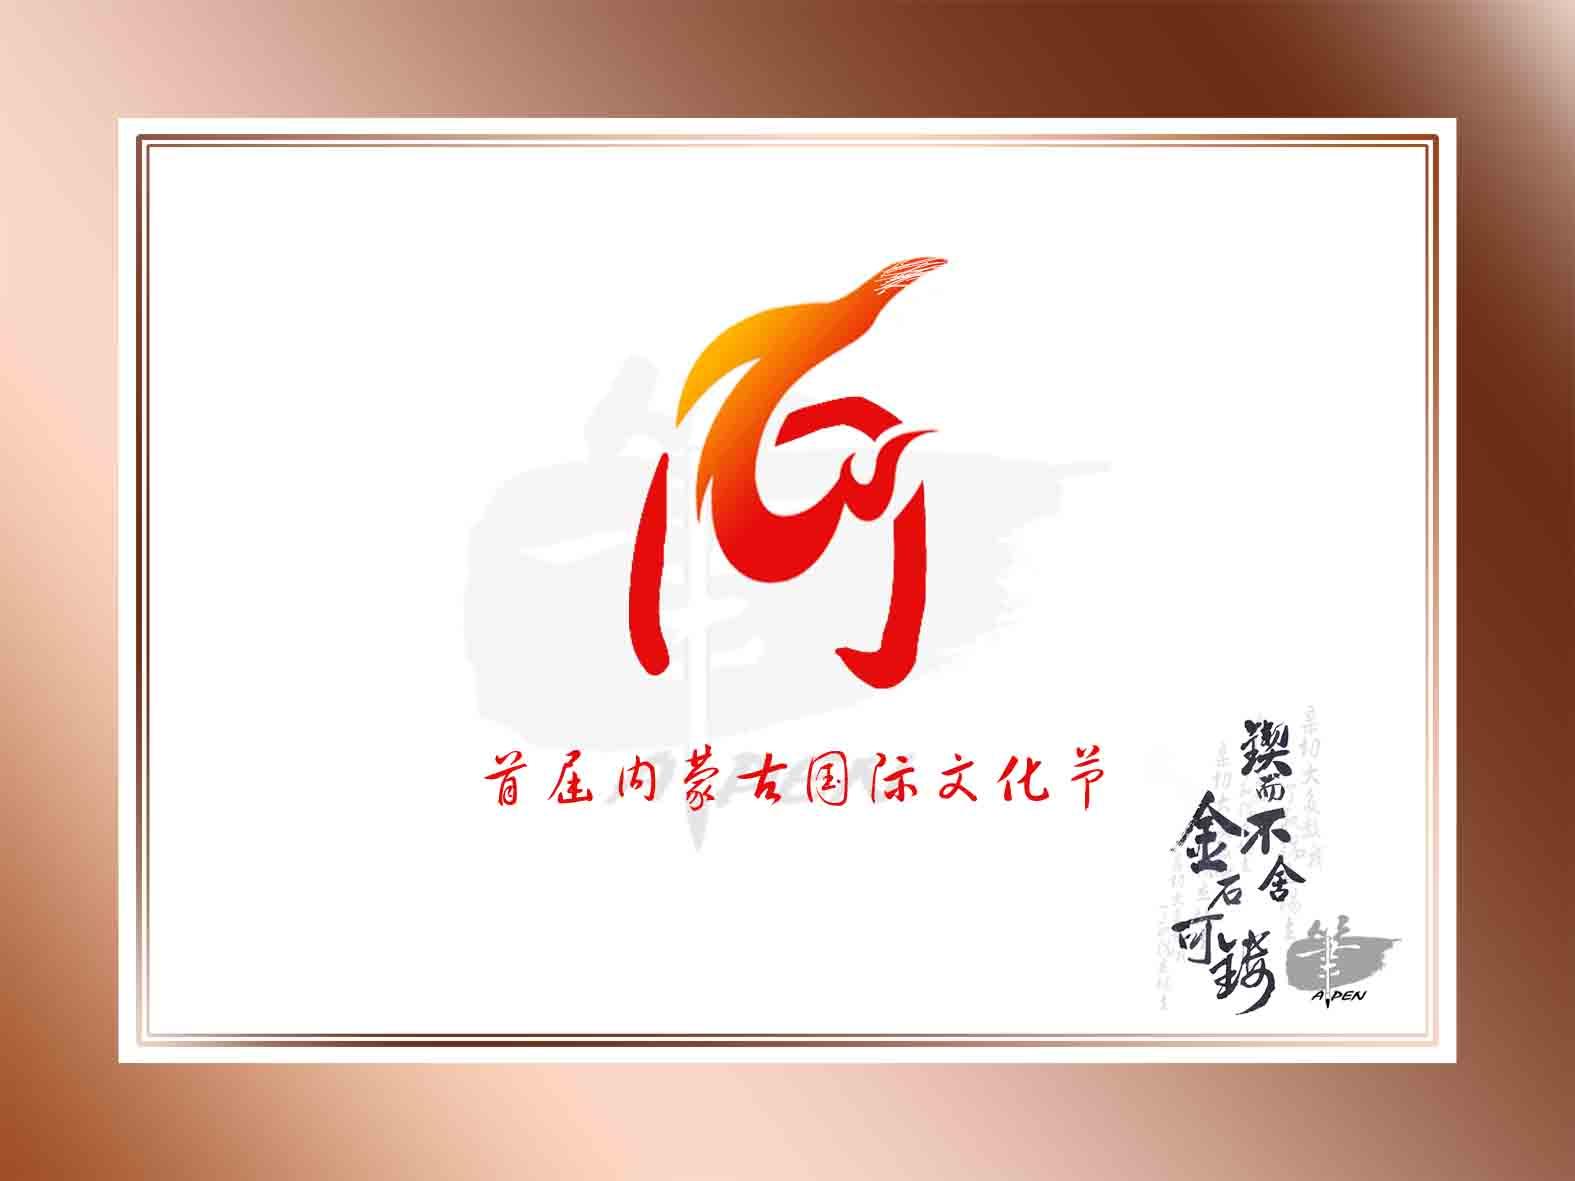 内蒙古财经大学校徽矢量图